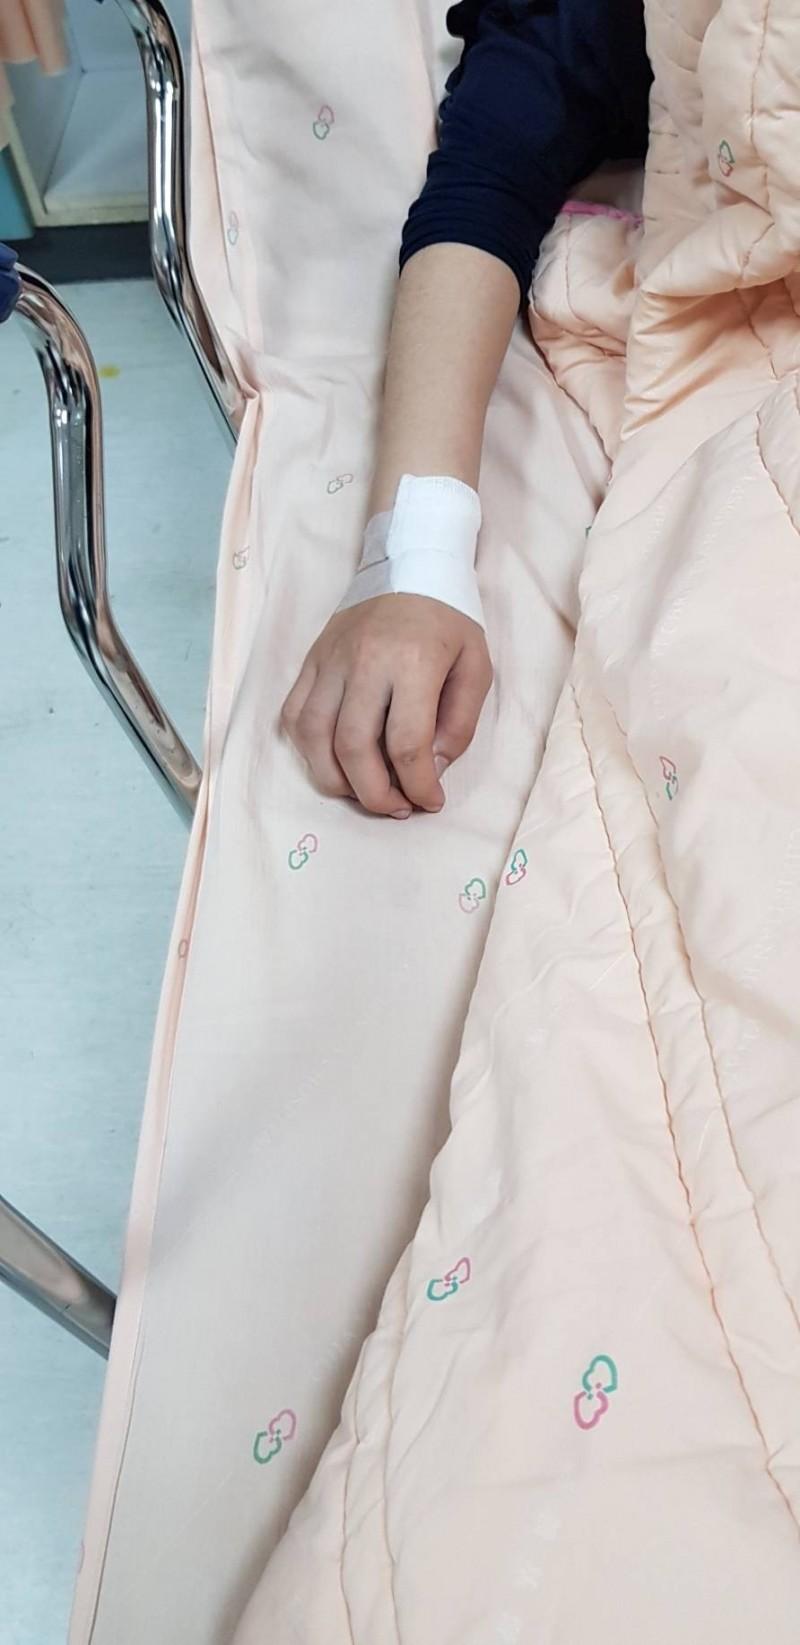 女警蘇靖雅被撞倒,右手及左腳受傷就醫。(記者丁偉杰翻攝)